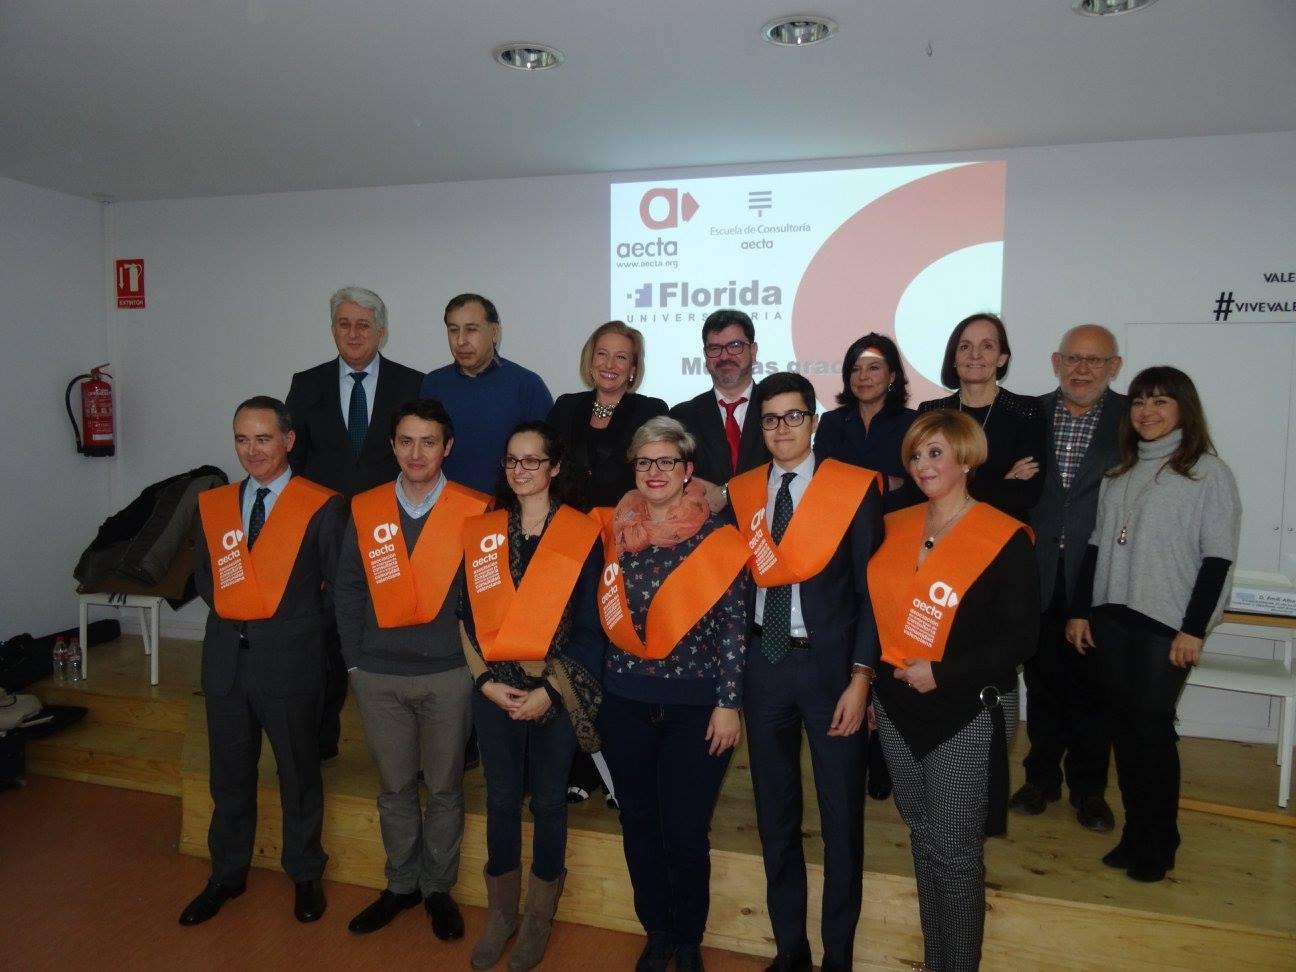 Santiago Consultores participa en el desarrollo del Código deontológico y Sello de AECTA